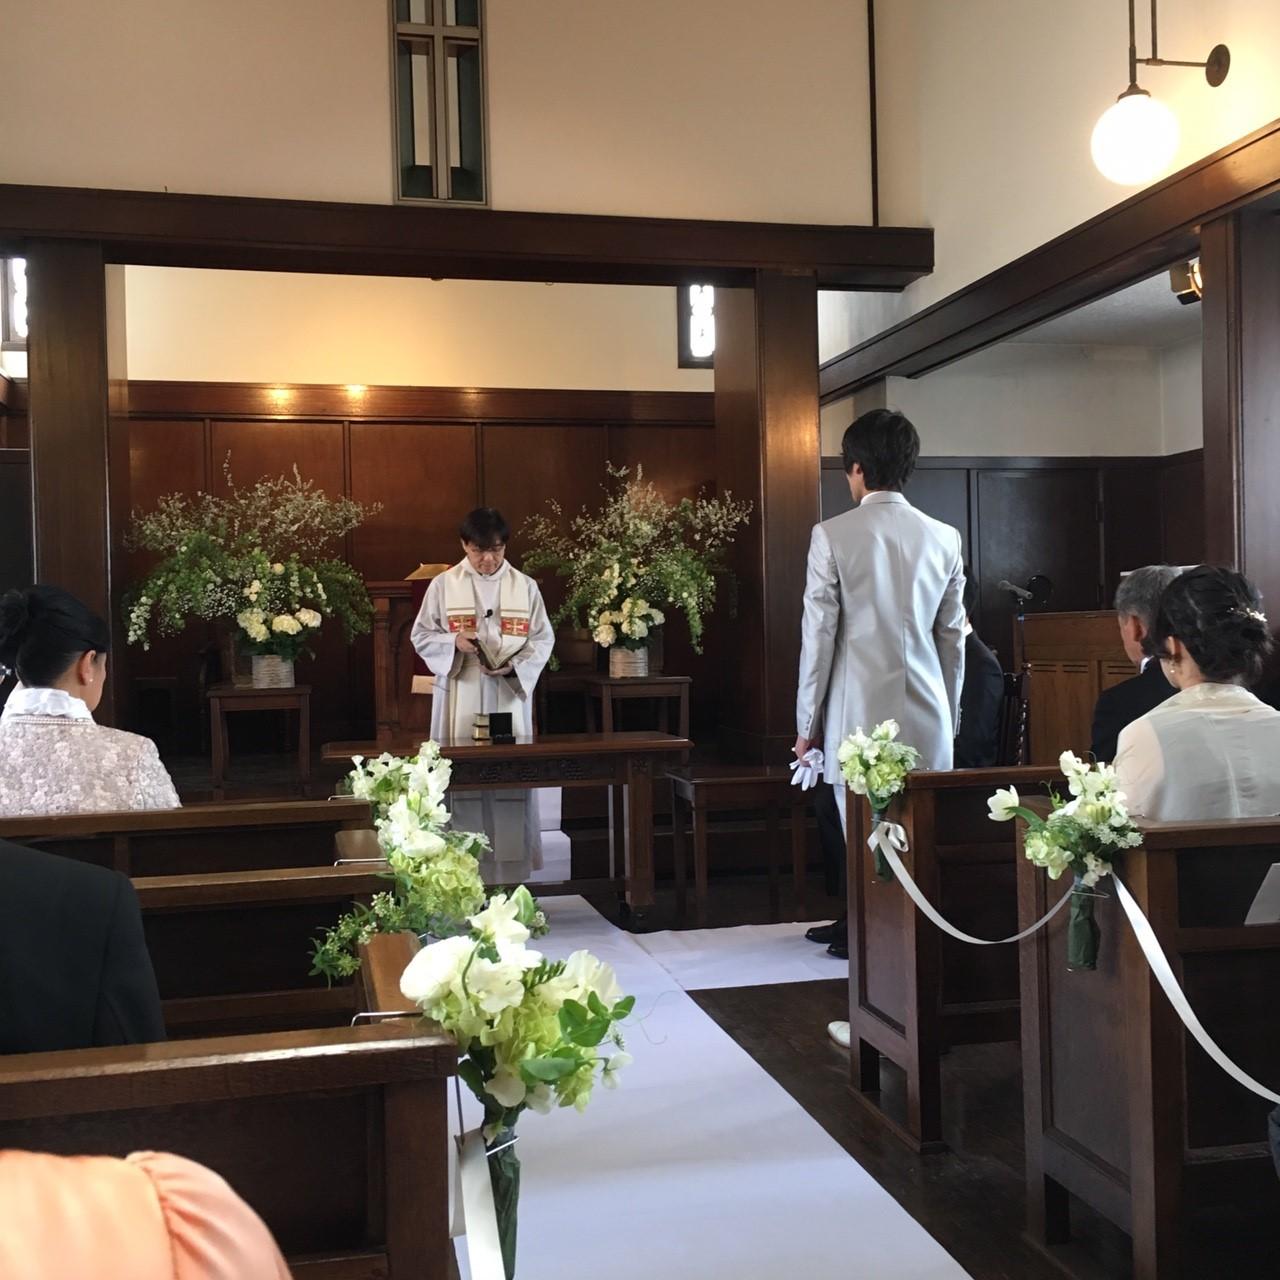 新郎新婦様からのメール 高輪教会様への装花 目には見えないもの_a0042928_22353739.jpg